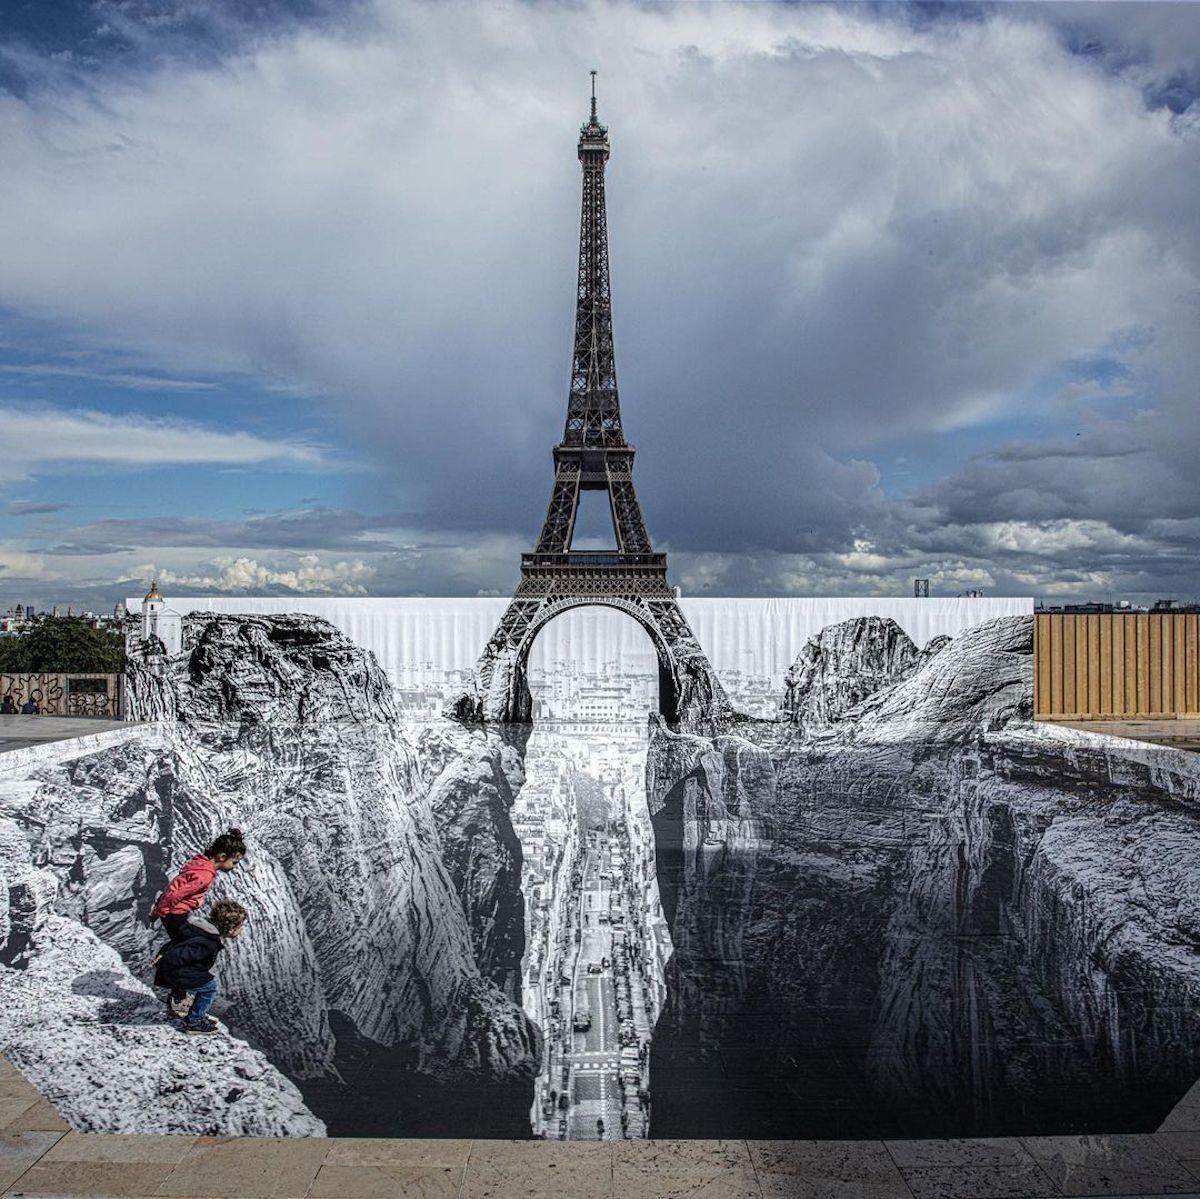 L'artiste JR joue avec la Tour Eiffel dans une anamorphose étonnante